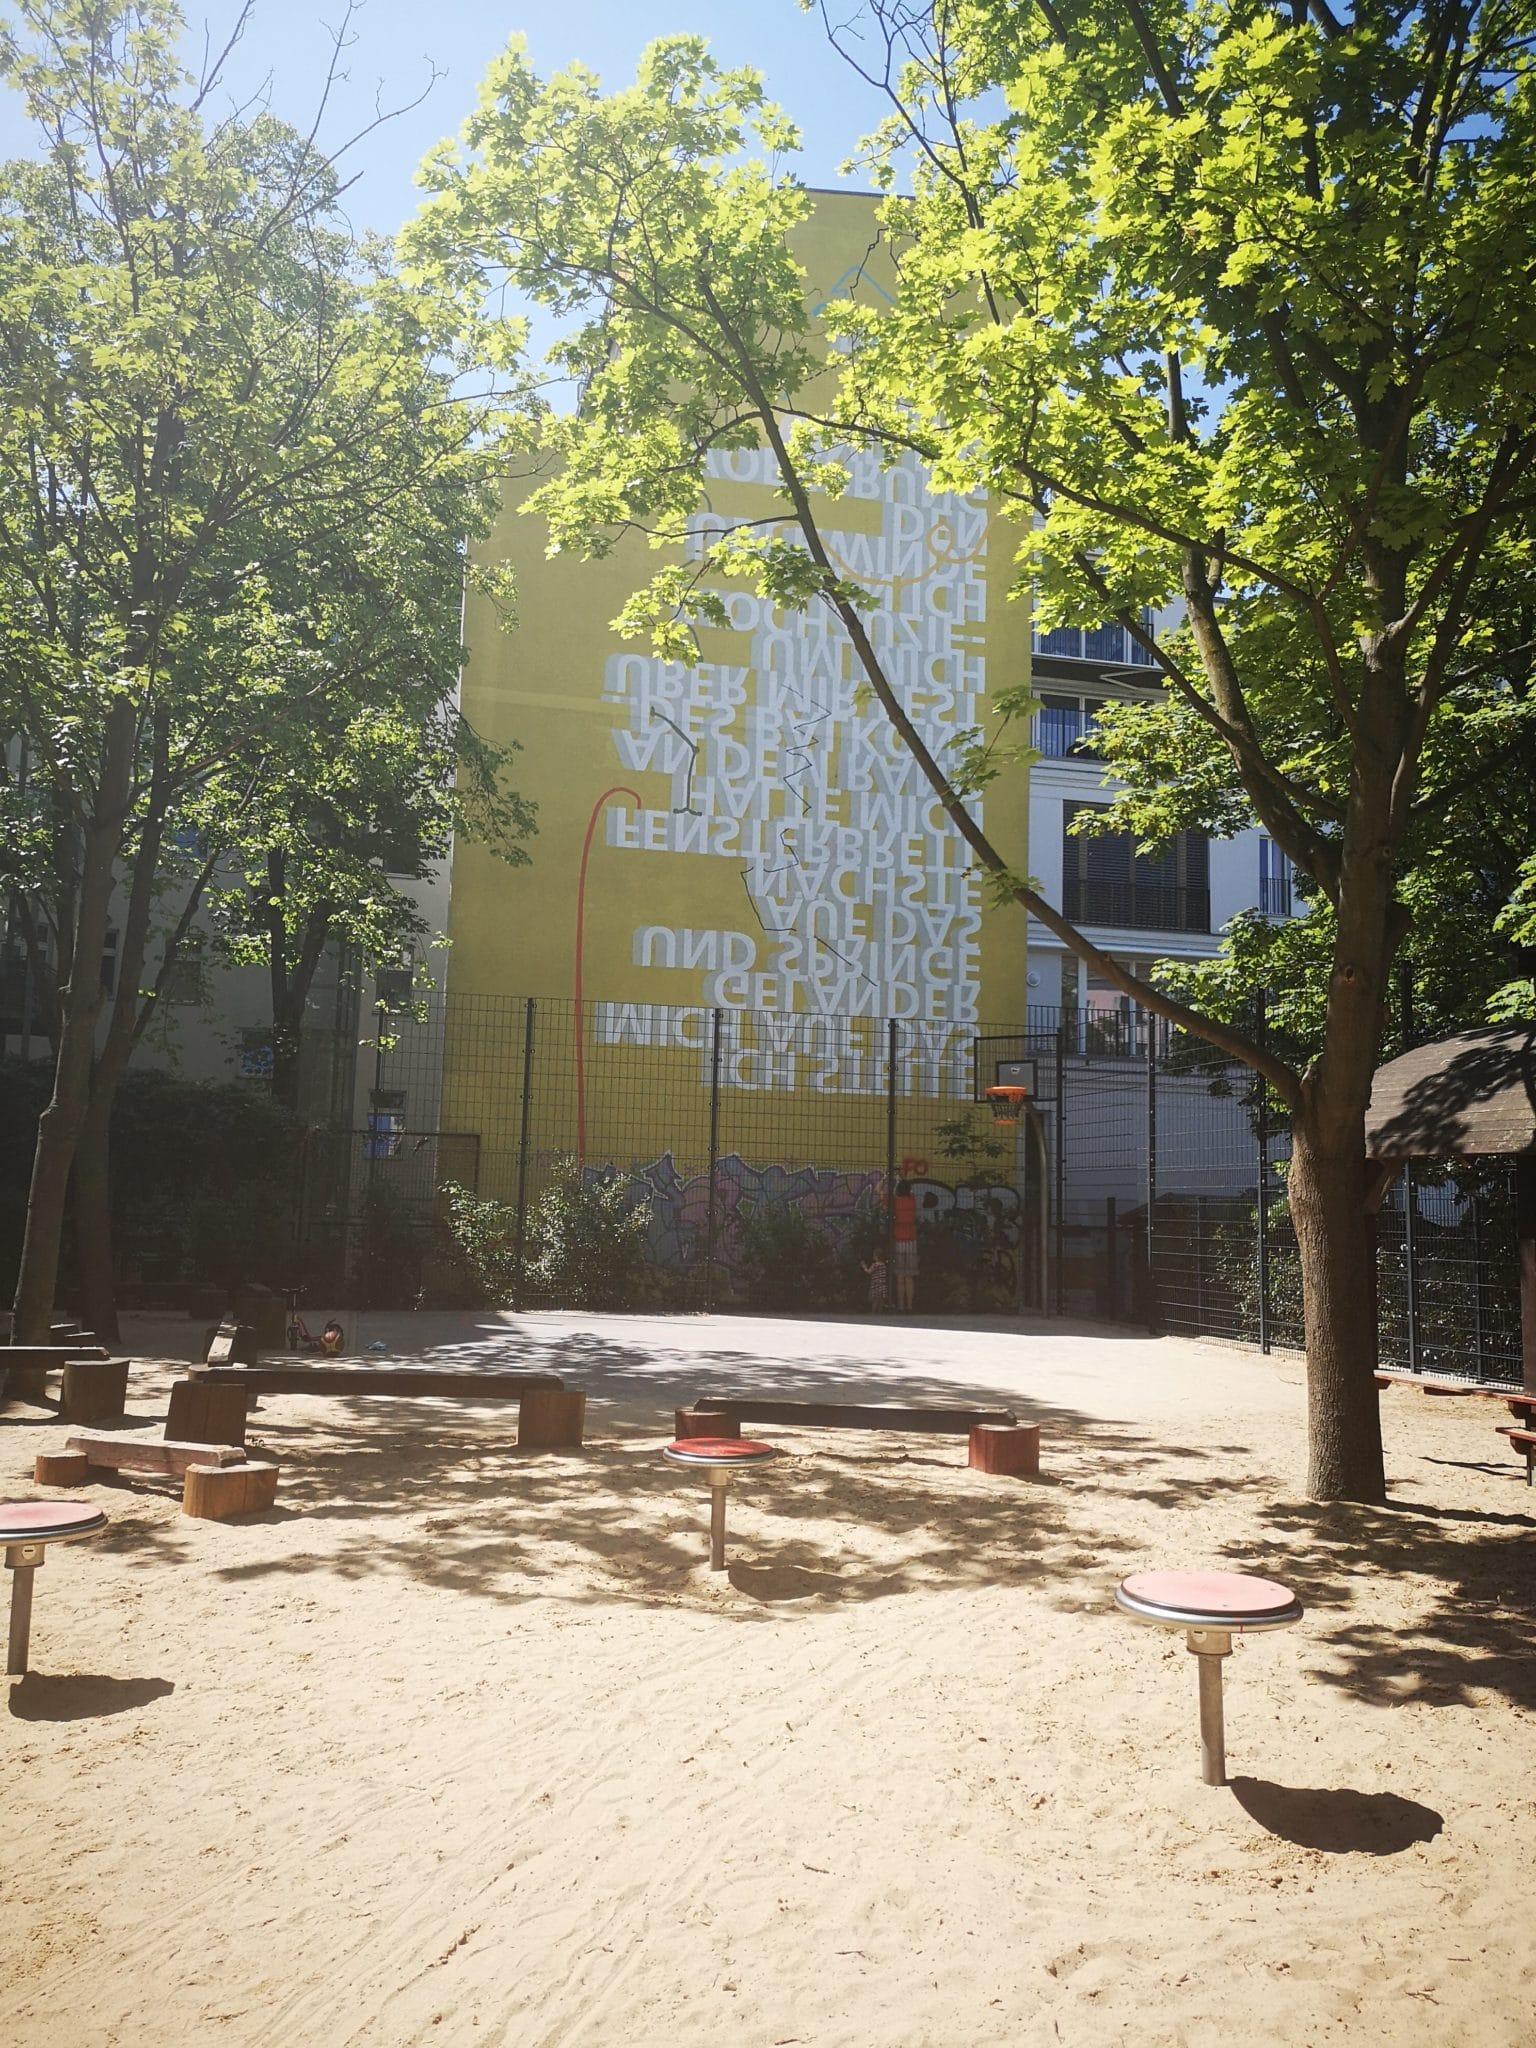 Ein leerer Spielplatz im Hintergrund gelbe Schrift